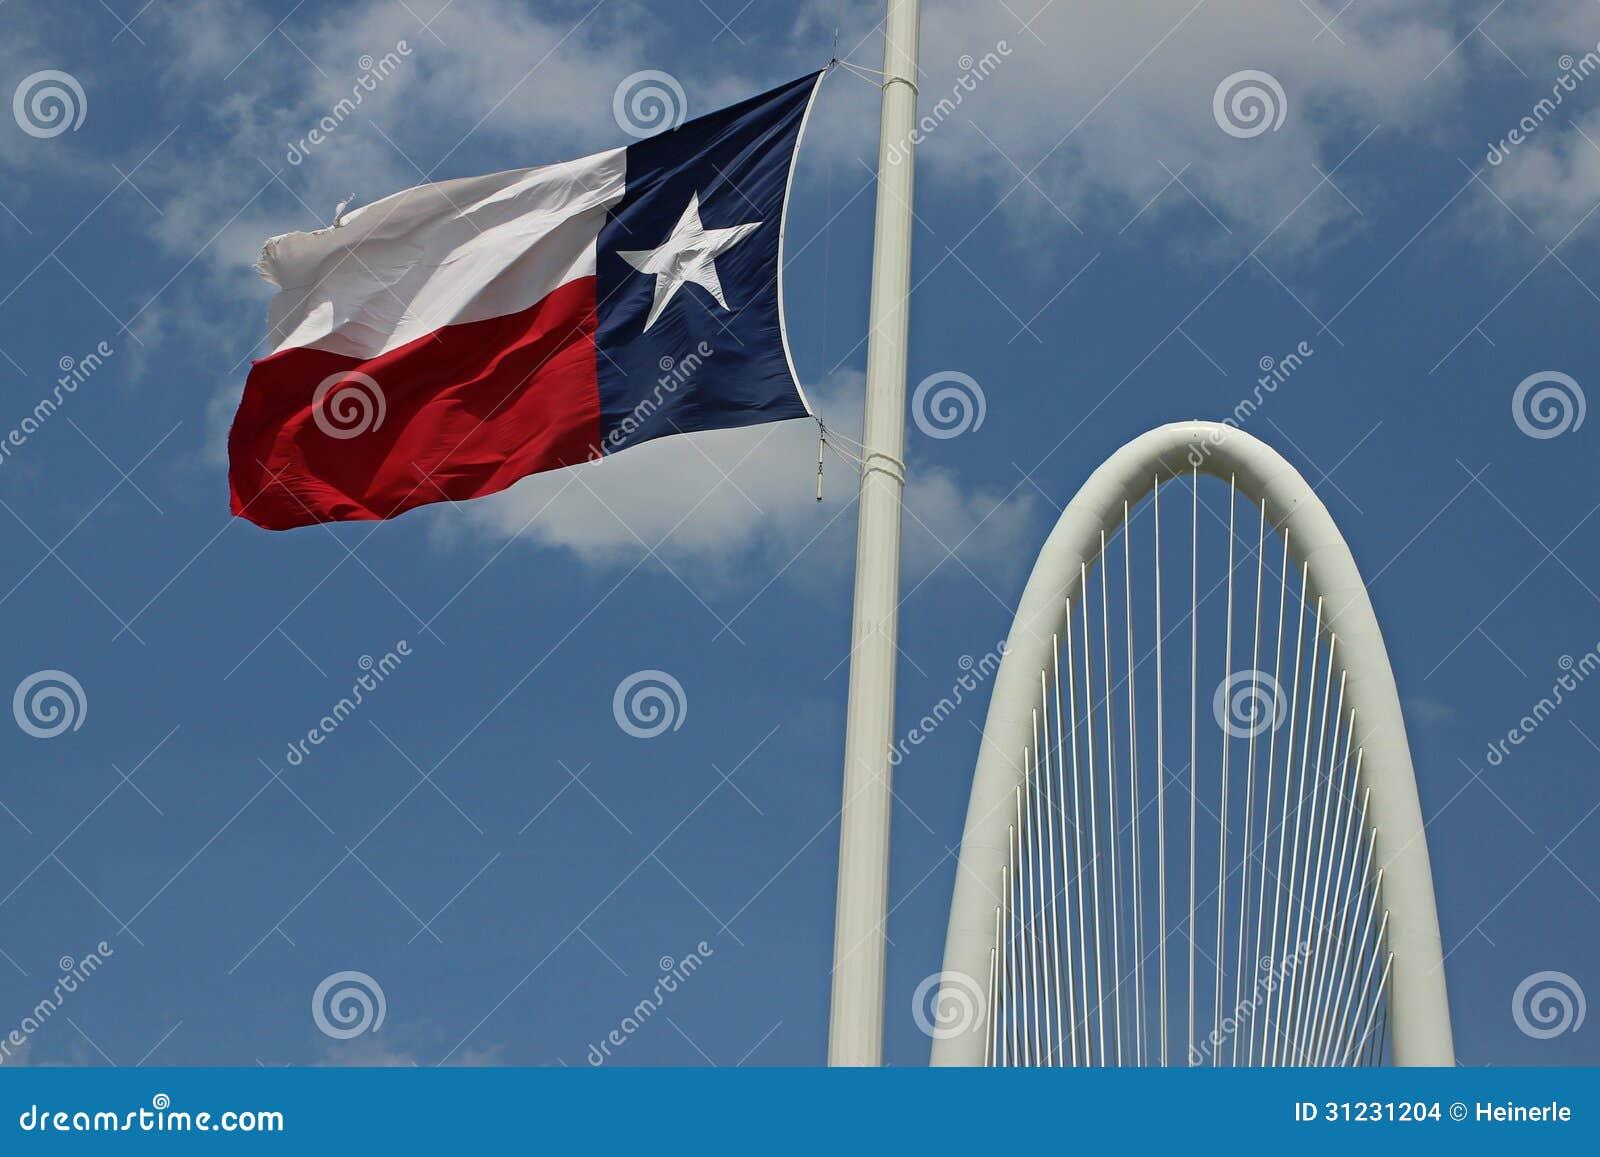 Texas Flag fluttering